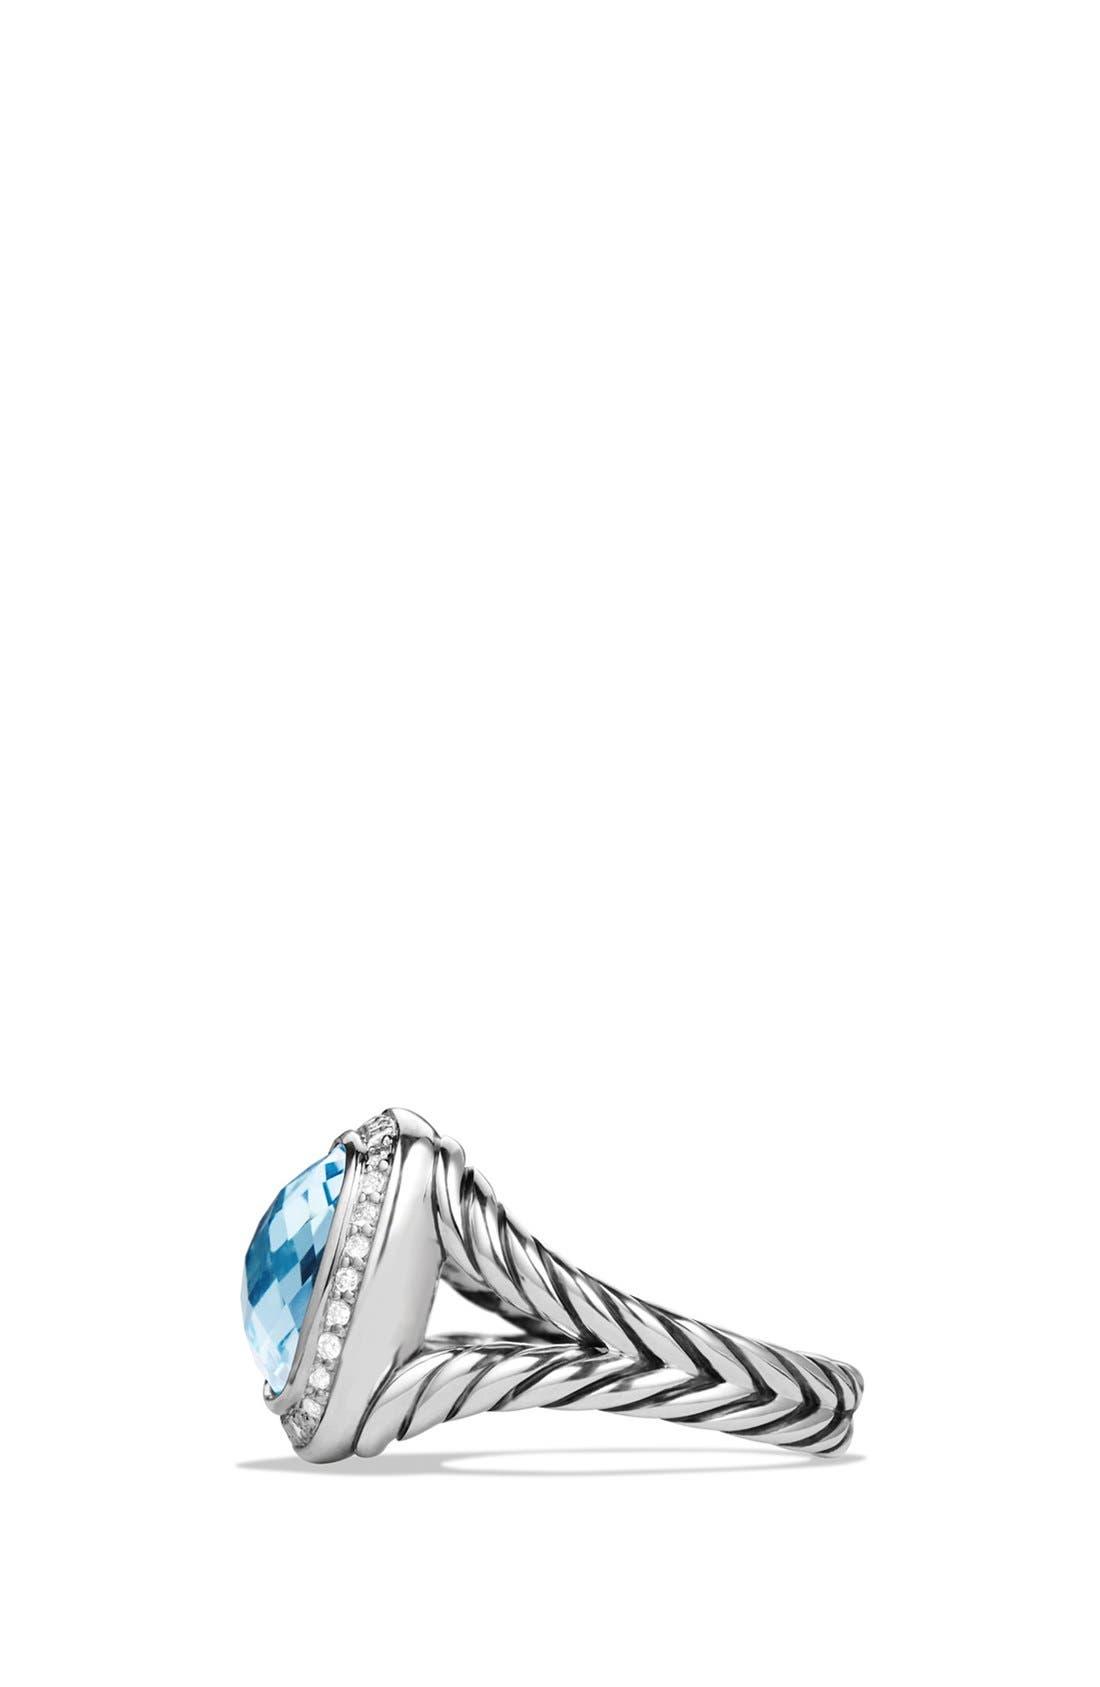 Alternate Image 2  - David Yurman'Albion' Ring with Semiprecious Stone and Diamonds